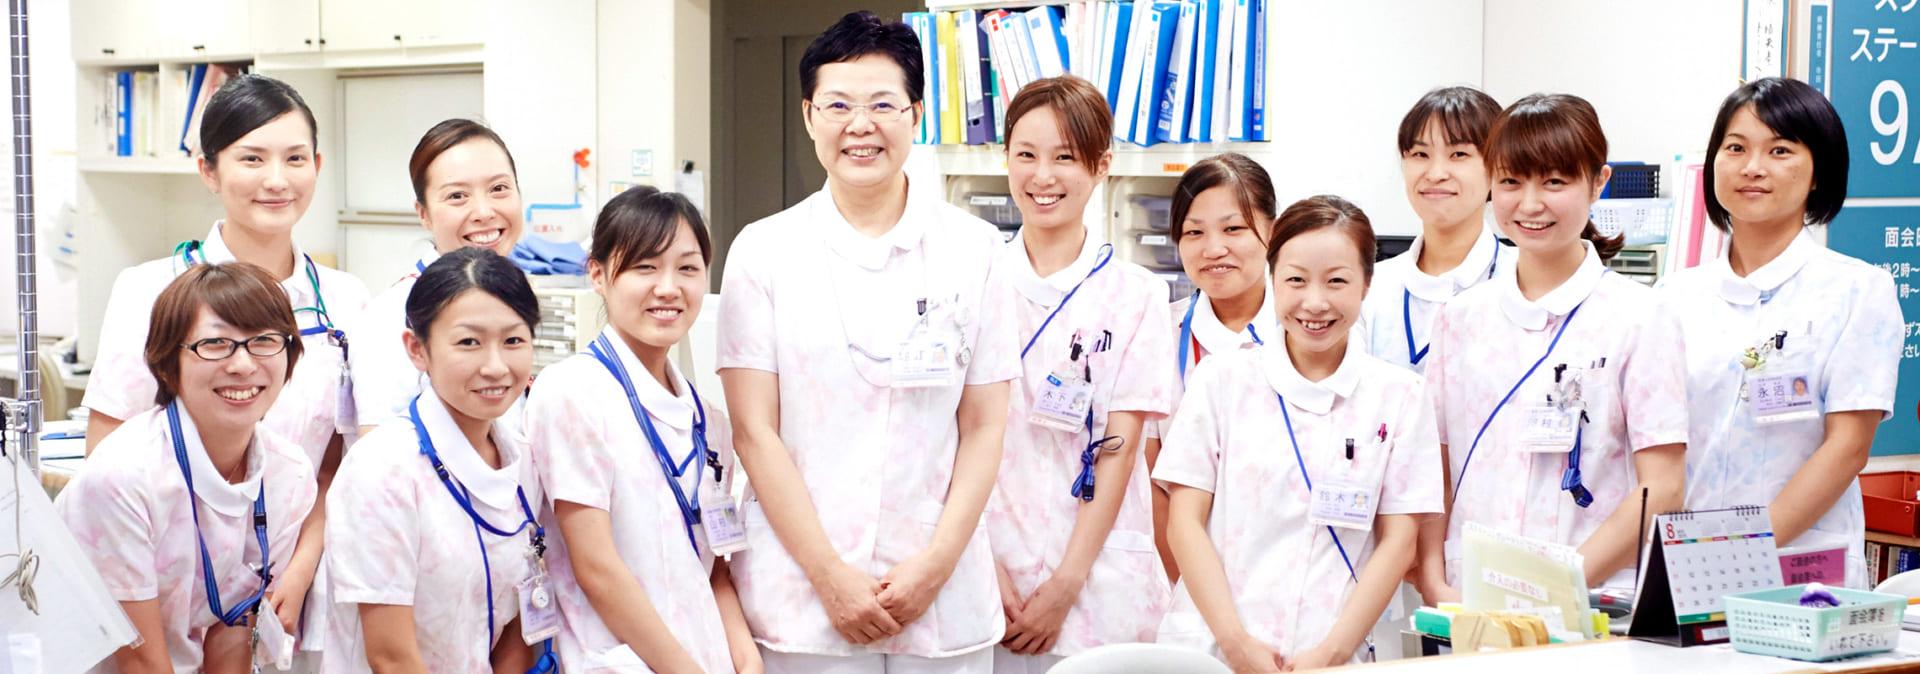 病院 附属 静岡 順天堂 大学 医学部